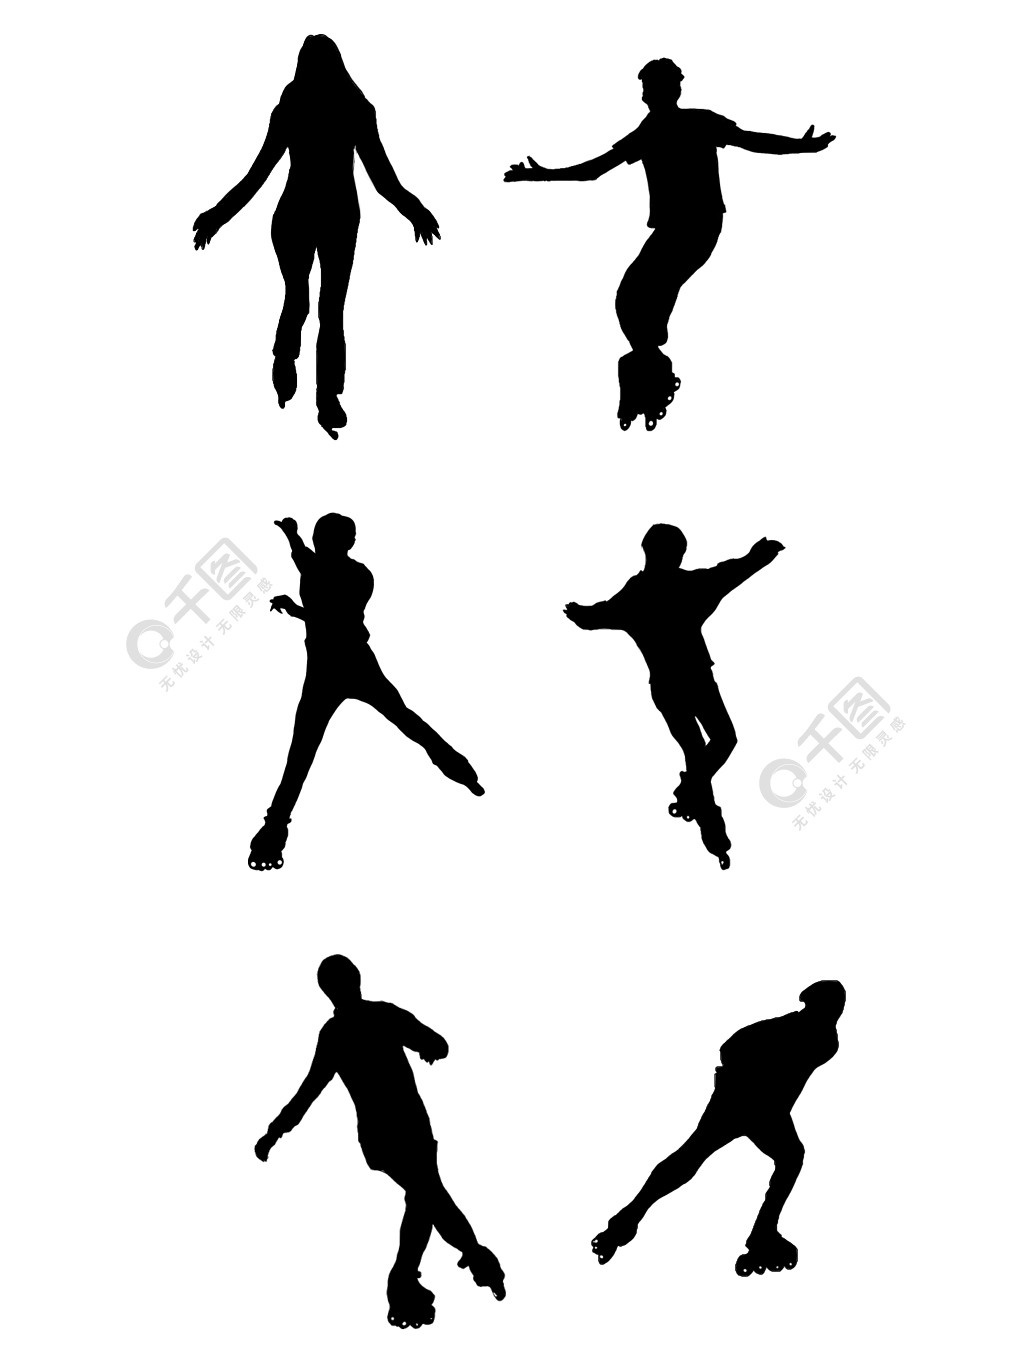 表情 轮滑矢量素材轮滑模板下载轮滑滑旱冰, 运动, 轮滑矢量素材, 刺激  表情